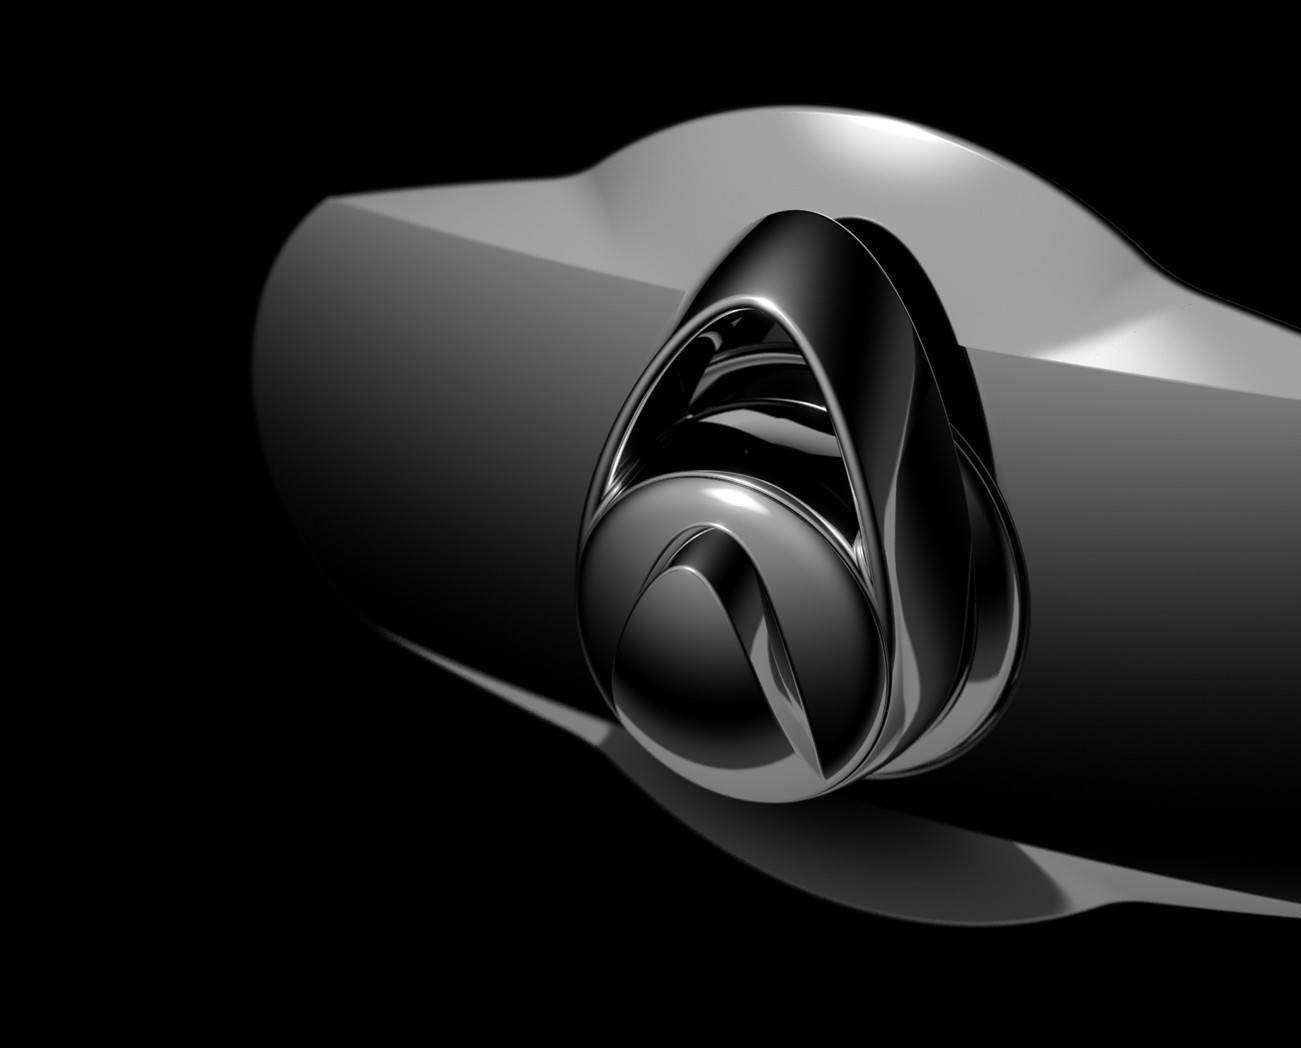 Sirrus Shower Valve Design | Renfrew Group International |